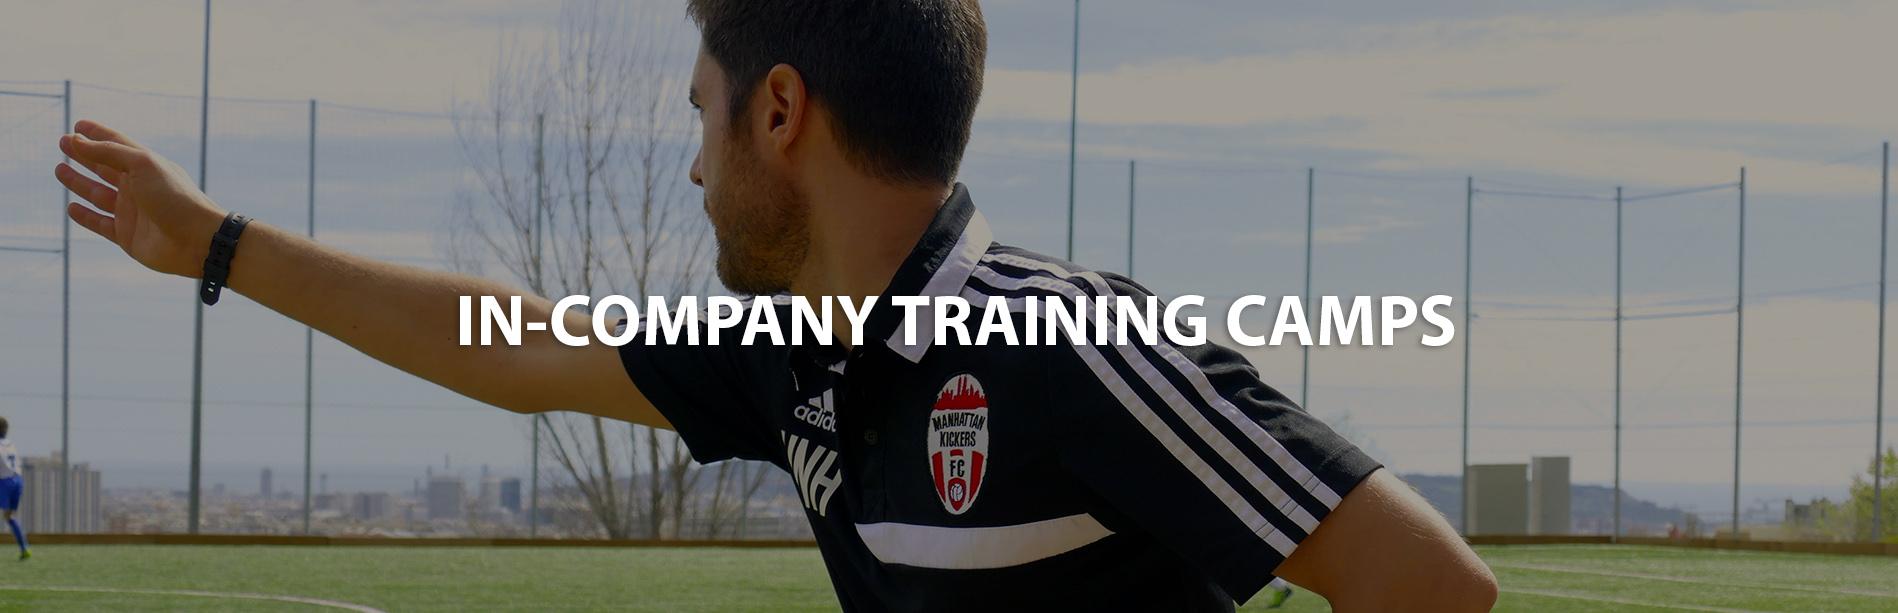 entrenadores-in-company